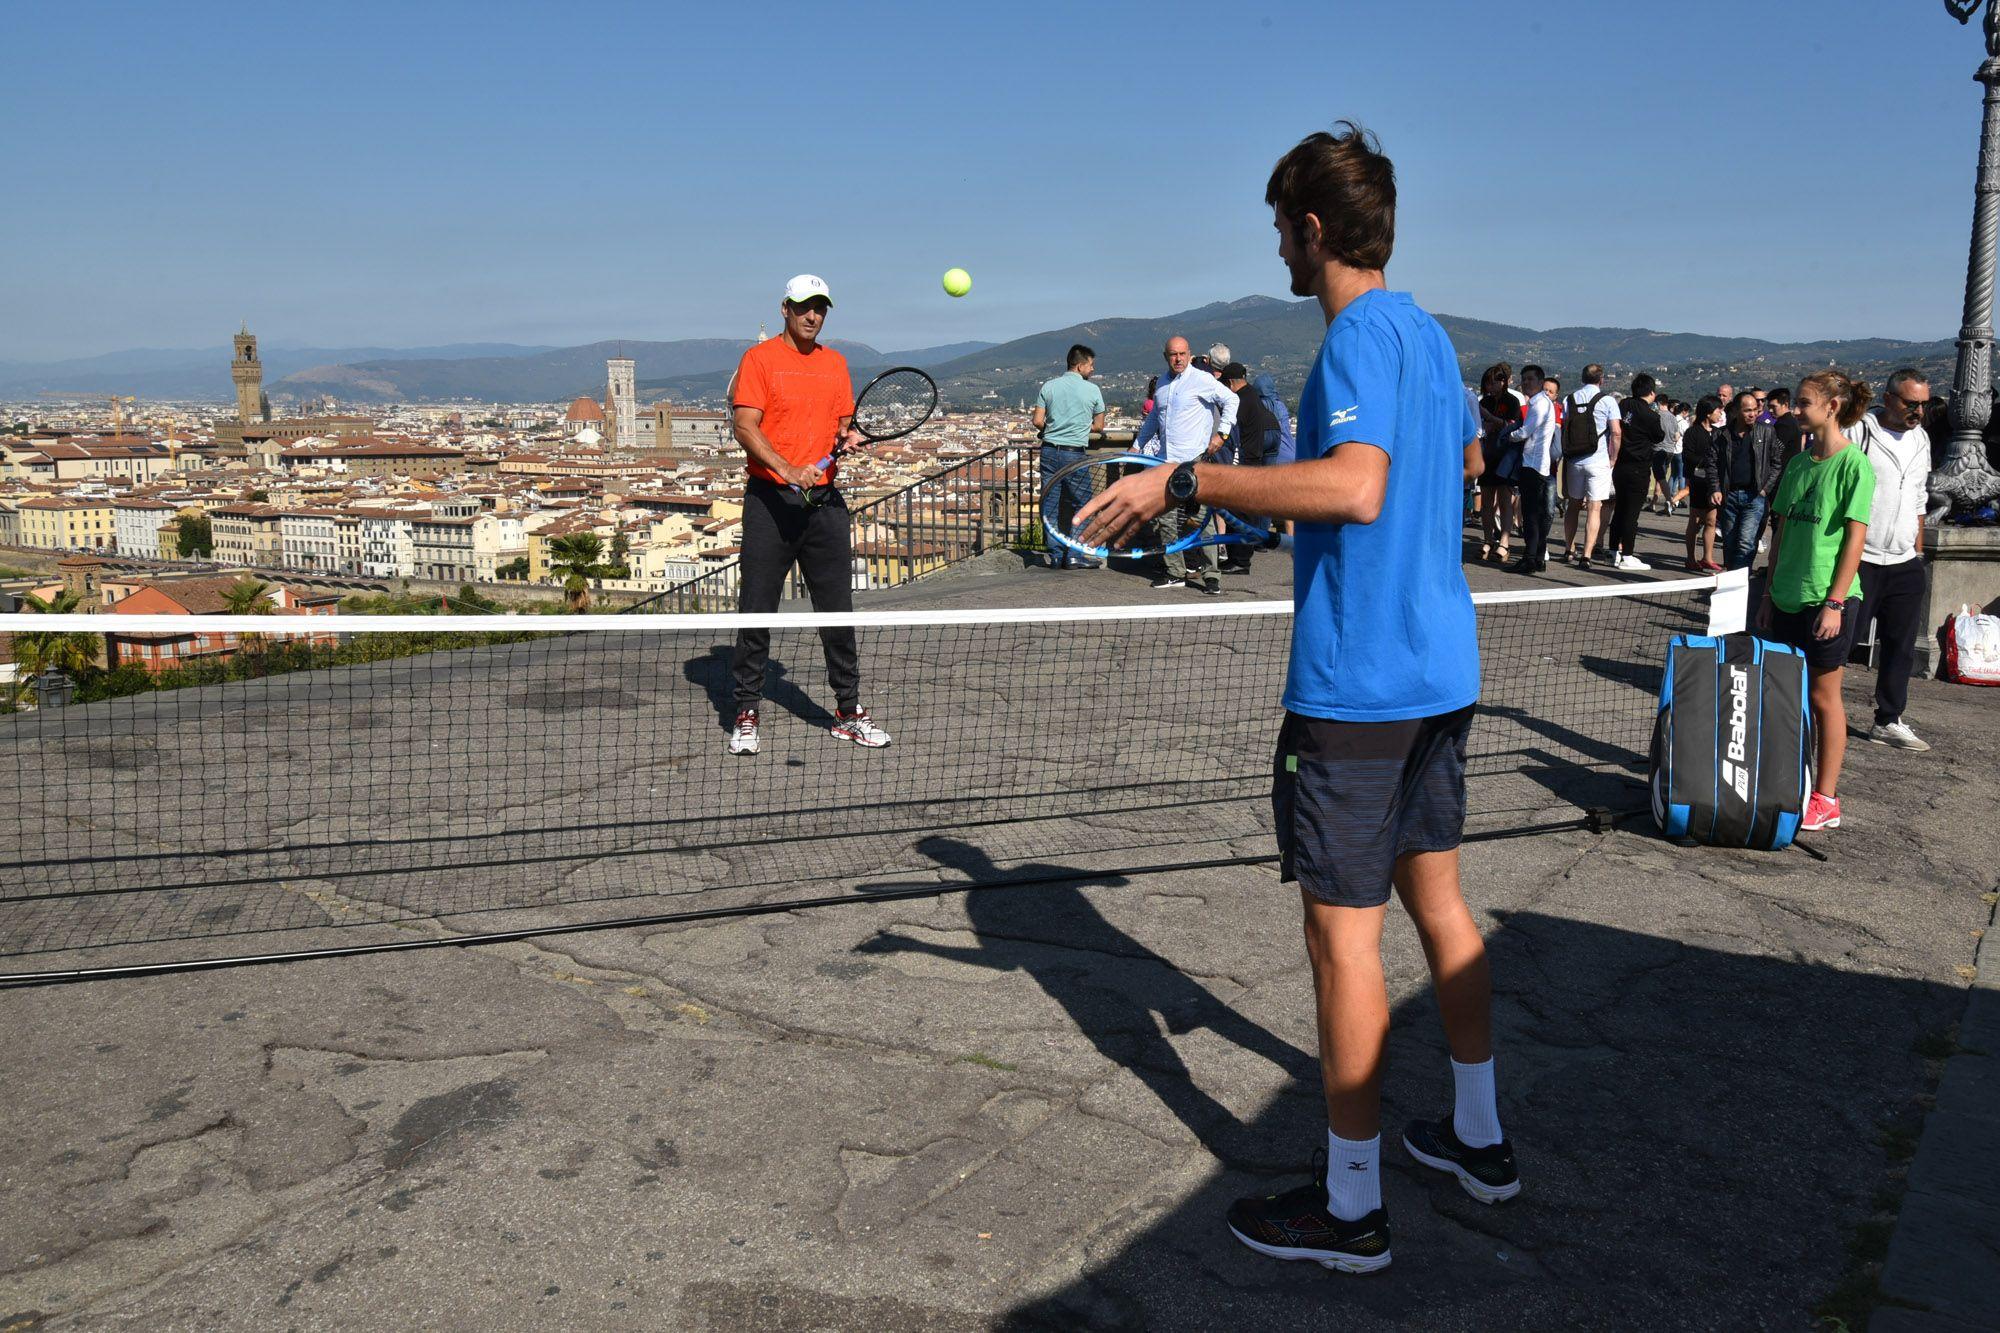 Da Firenze: flash bob con Tommy Robredo a Piazzale Michelangelo (con il programma di domani)